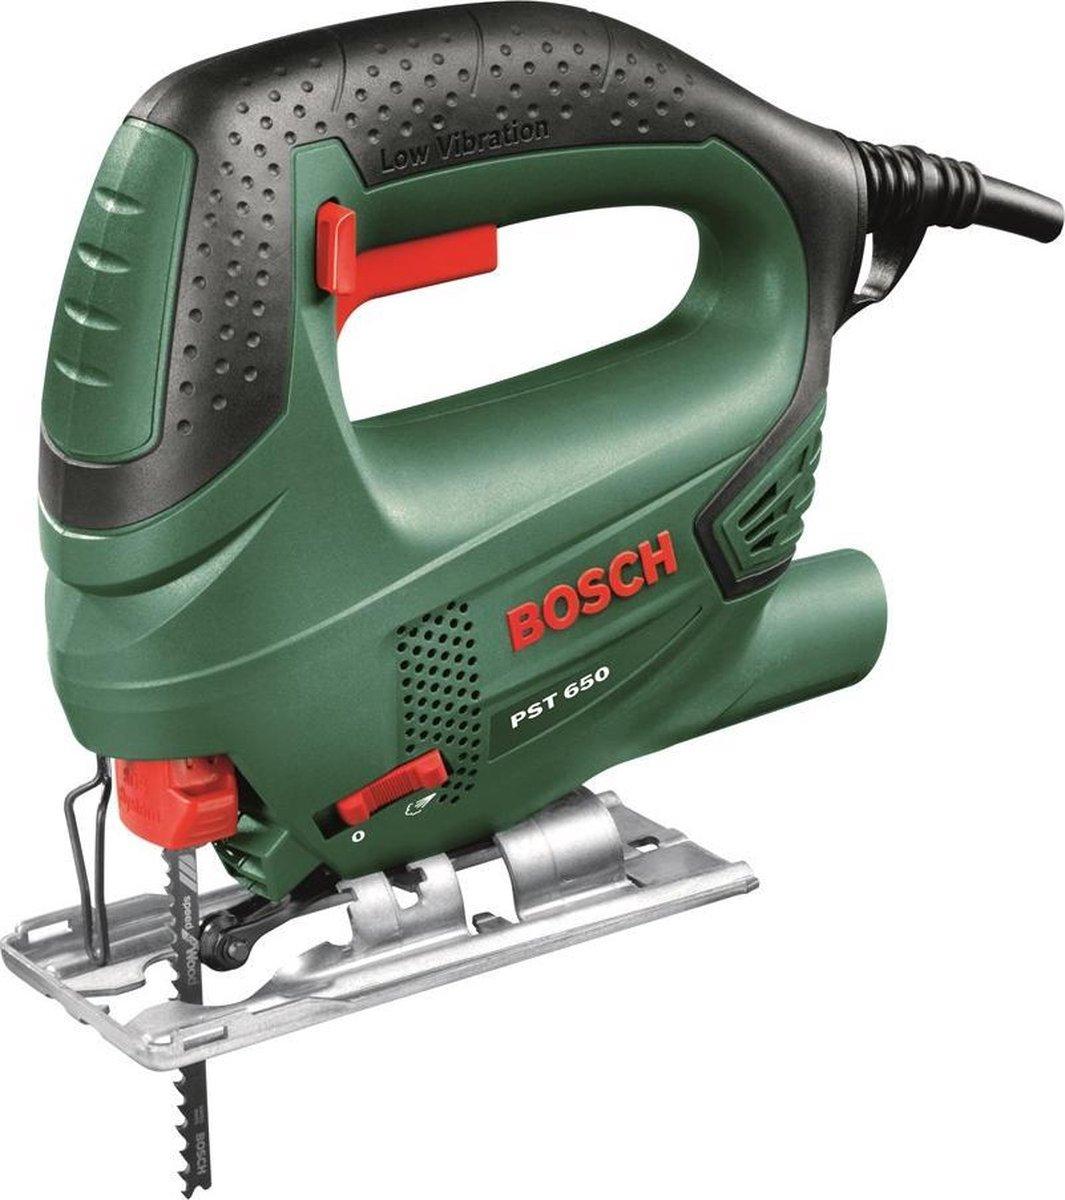 Bosch PST 650 Decoupeerzaag - 500 W - Met kunststof koffer en 1 decoupeerzaagblad voor hout